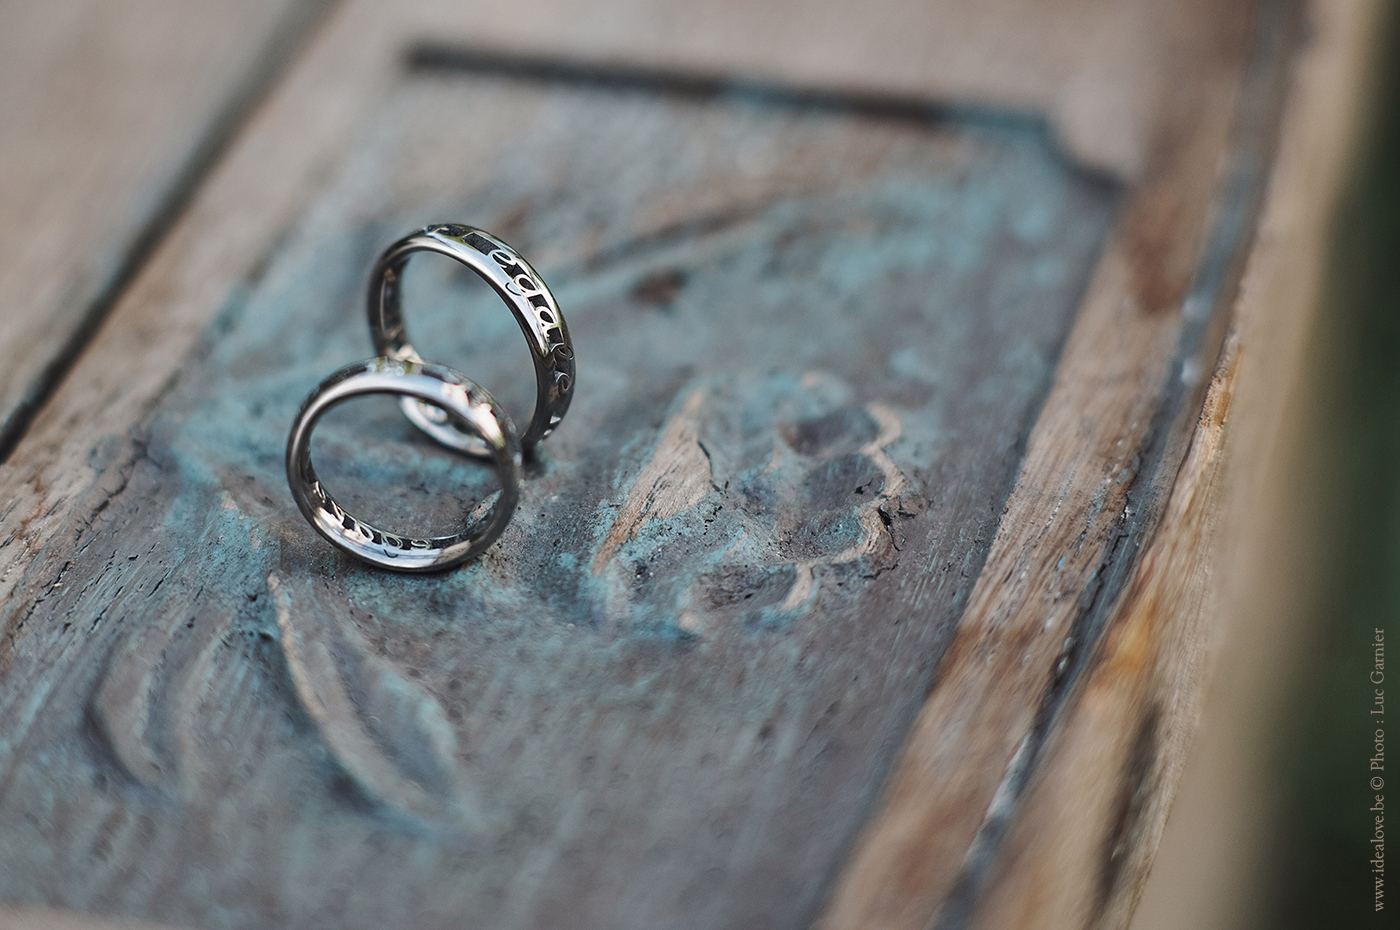 Alliance Alliances design originales personnalisées mariage fiançailles bijoux bague bagues sur-mesure Or Titane Argent diamants IDEALOVE